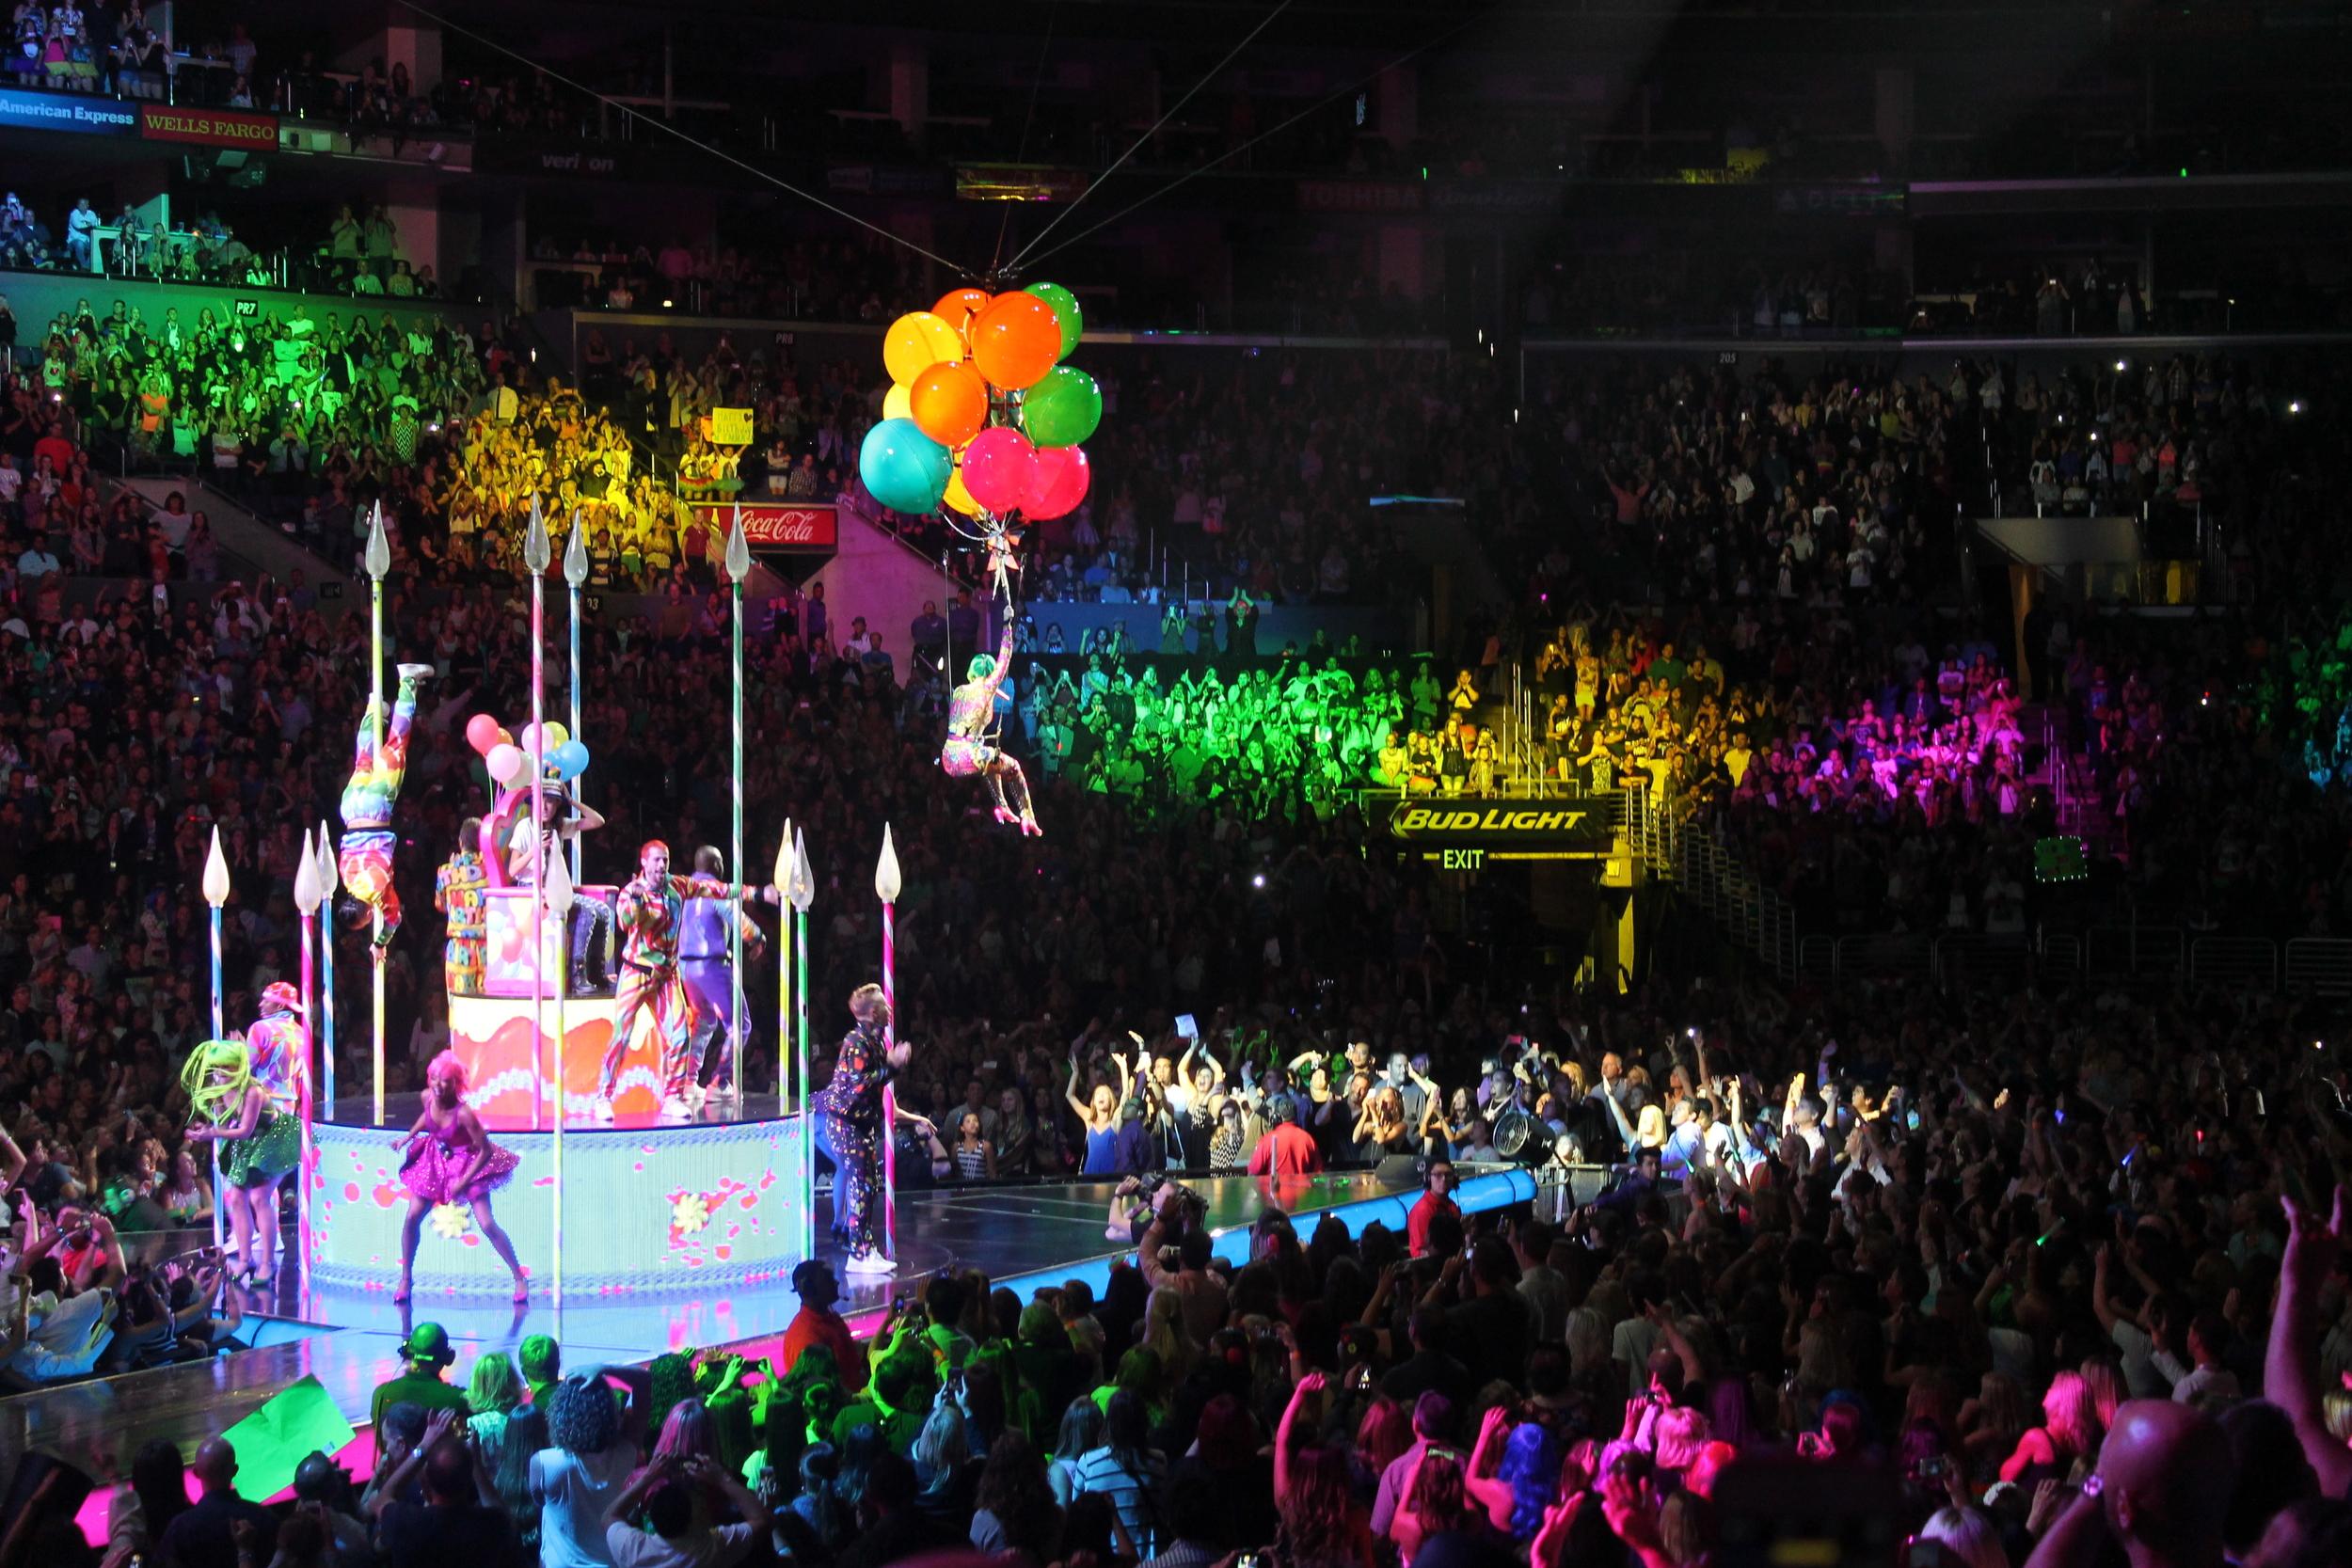 Mi cancion favorita fue Birthday, el show estuvo lleno de infinotos y brillantes colores.